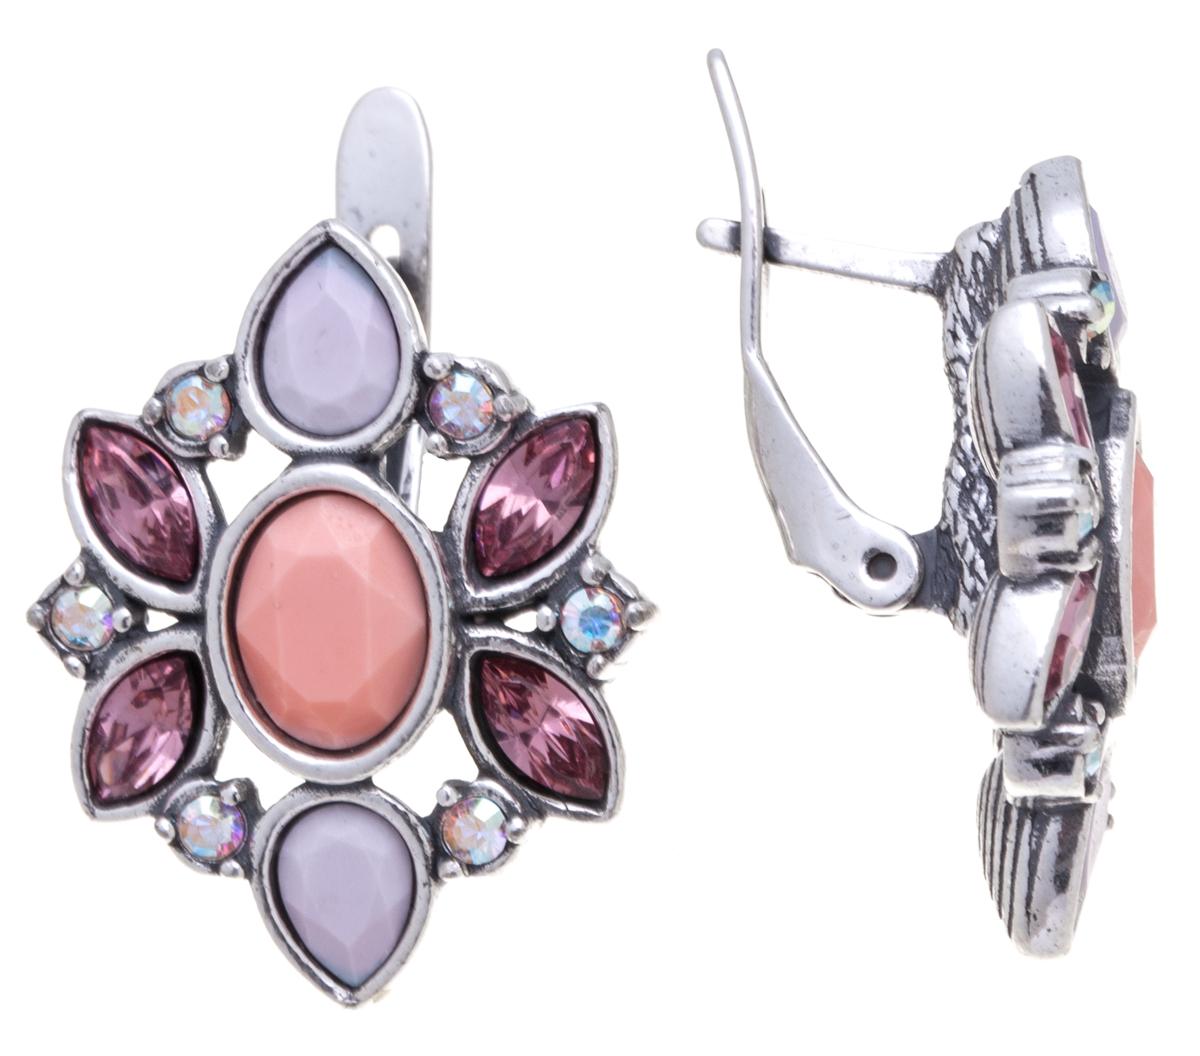 Серьги Jenavi Кангра, цвет: серебряный, розовый. k31631k7Пуссеты (гвоздики)Элегантные серьги Jenavi Кангра выполнены из ювелирного сплава с антиаллергическим гальваническим покрытием черненым серебром. Изделие оформлено сверкающими кристаллами Swarovski. Серьги застегиваются на удобную английскую застежку, которая эстетично включается в дизайн украшения. Изысканные серьги станут модным аксессуаром как для повседневного, так и для вечернего наряда, они подчеркнет вашу индивидуальность и неповторимый стиль, и помогут создать незабываемый уникальный образ.